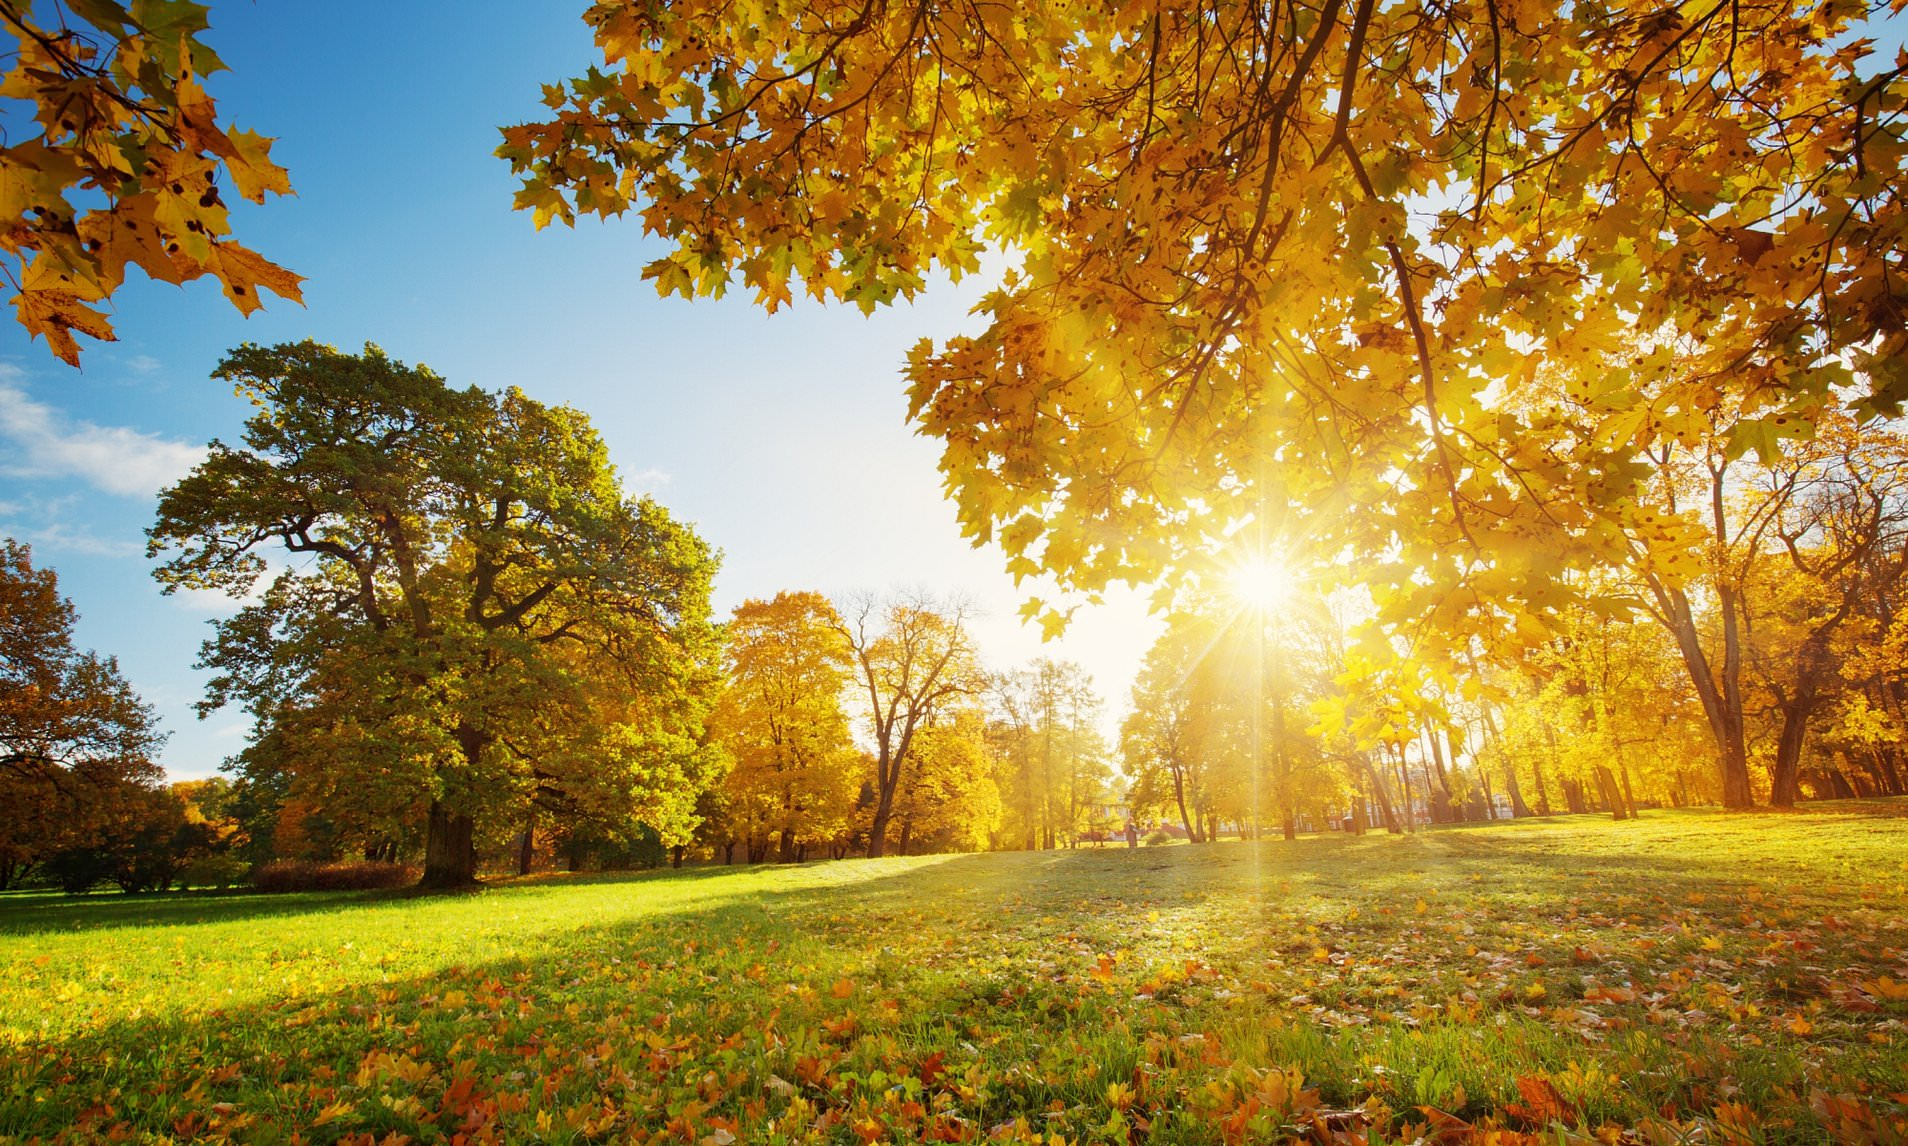 Βελτίωση του καιρού και σταδιακή άνοδος της θερμοκρασίας την ερχόμενη εβδομάδα (13 έως 19/9/2021 & Χάρτες)